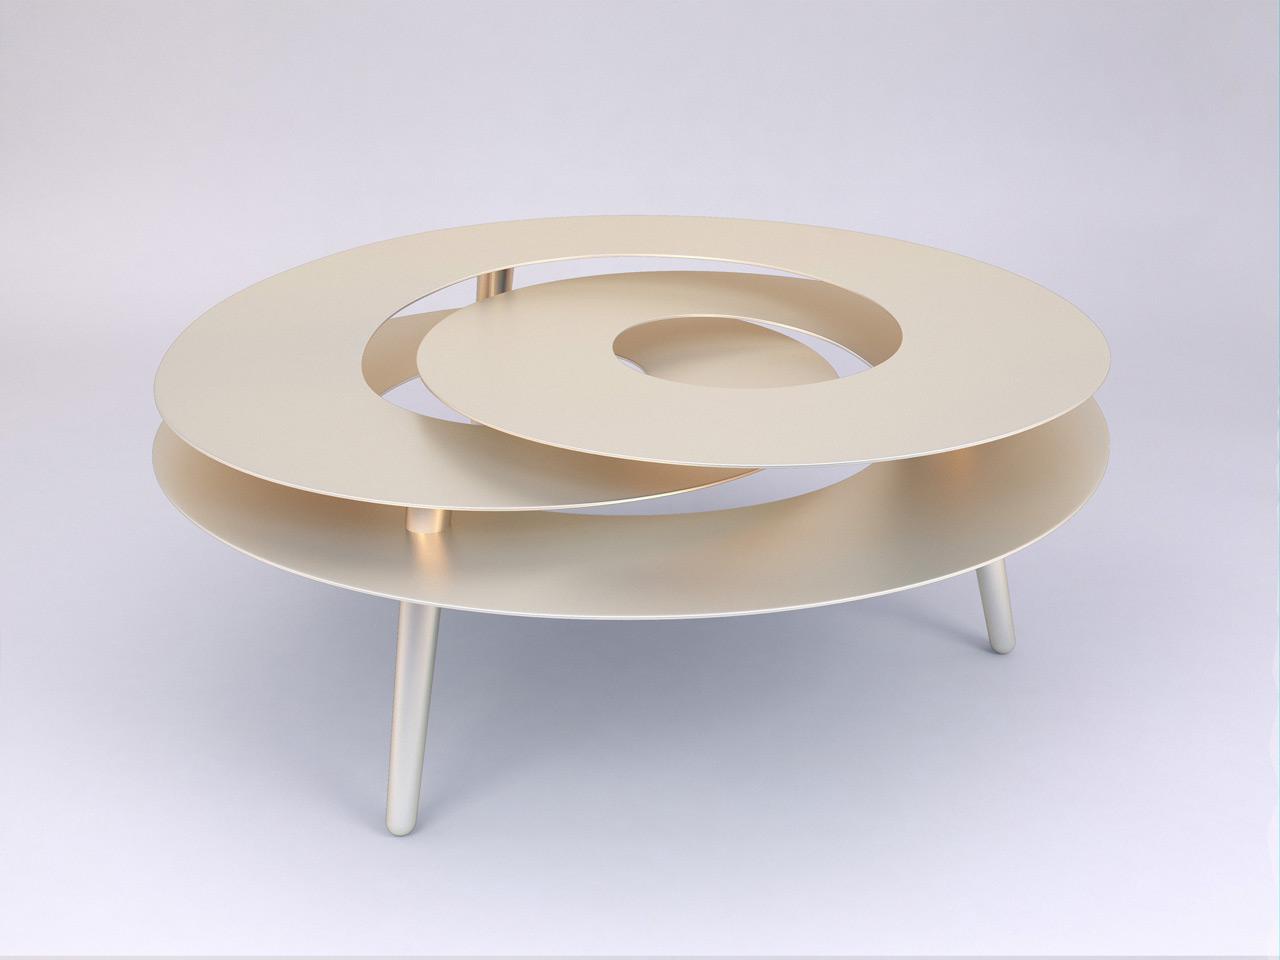 Janne-Kyttanen-3D-16-Rollercoaster-Table